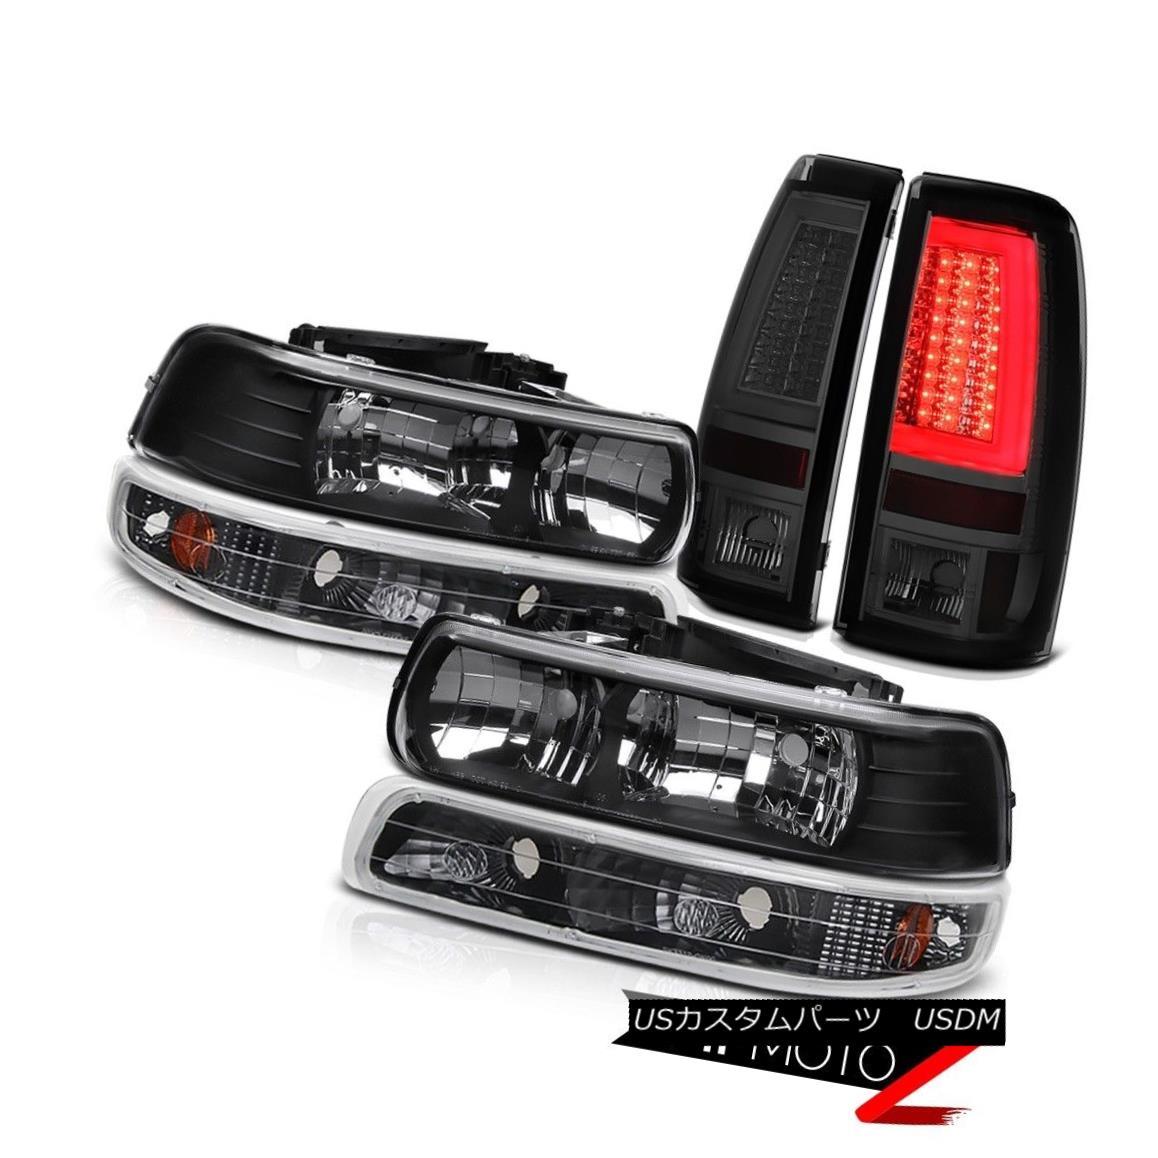 テールライト 99-02 Silverado 4.3L Smoked Taillights Turn Signal Headlamps Light Bar Assembly 99-02 Silverado 4.3Lターンシグナルヘッドランプライトバーアセンブリ